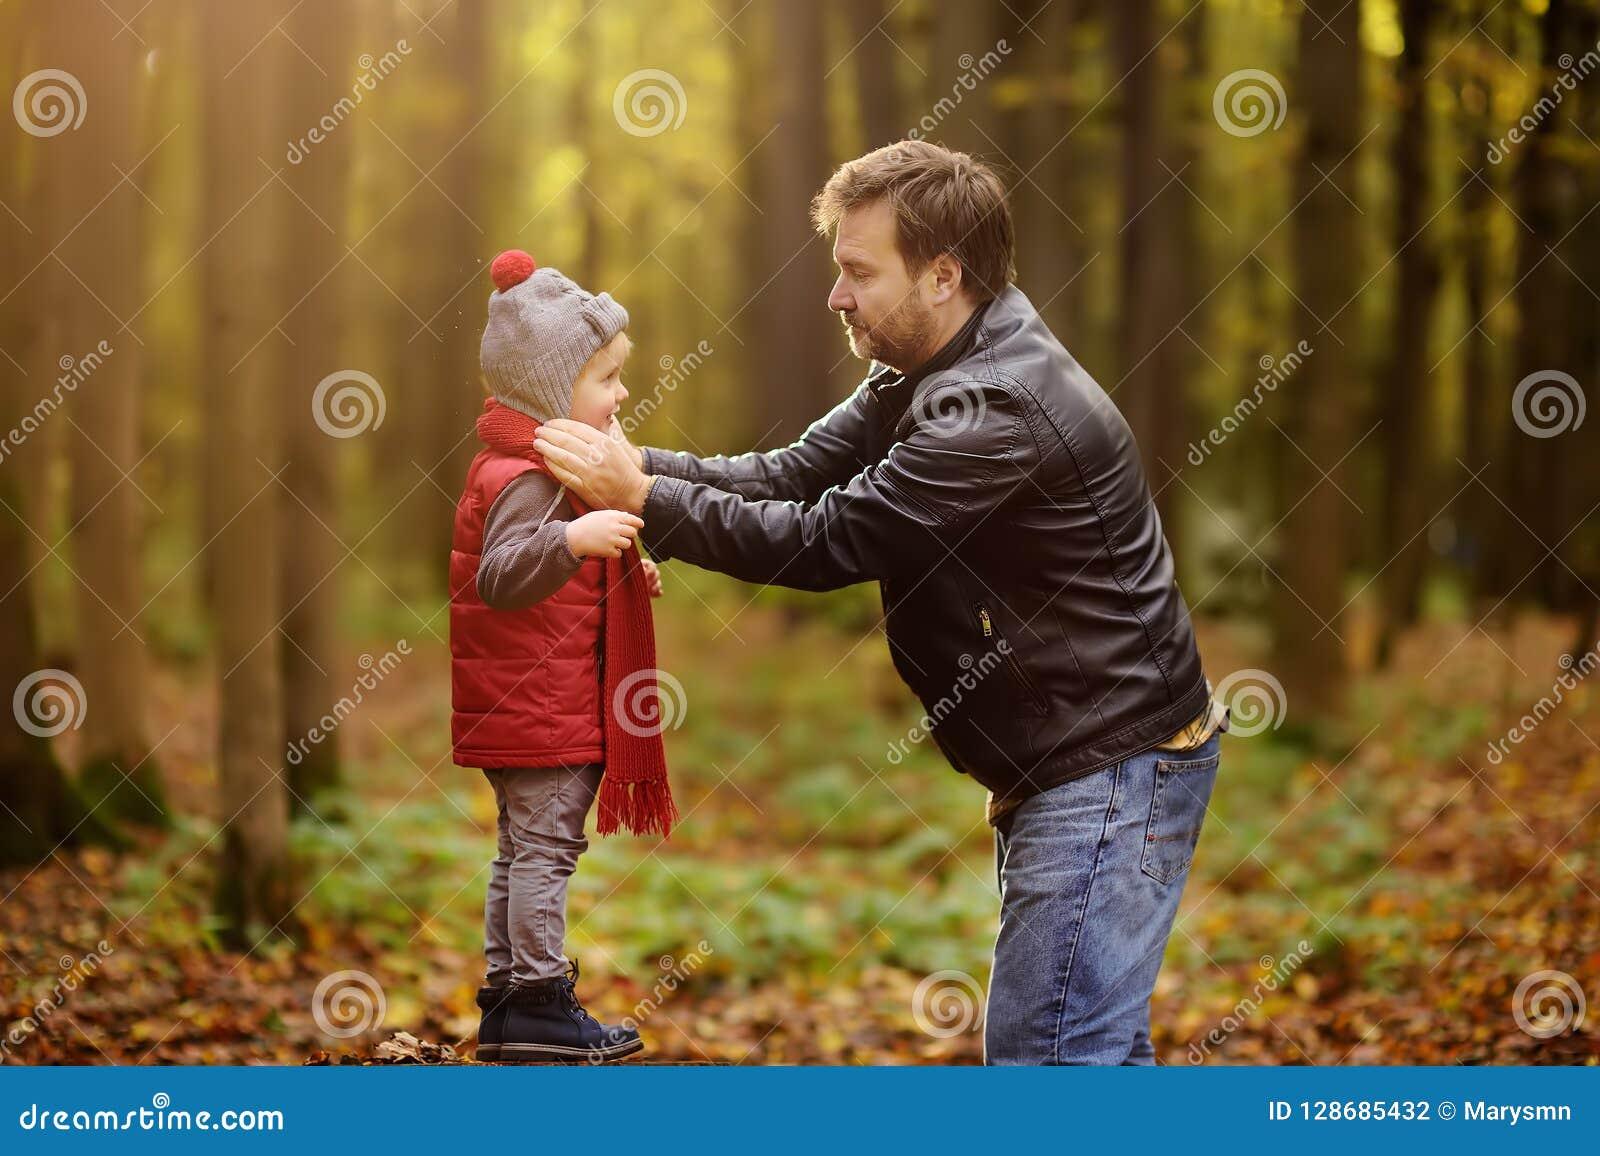 Pys med hans fader under promenad i skogen